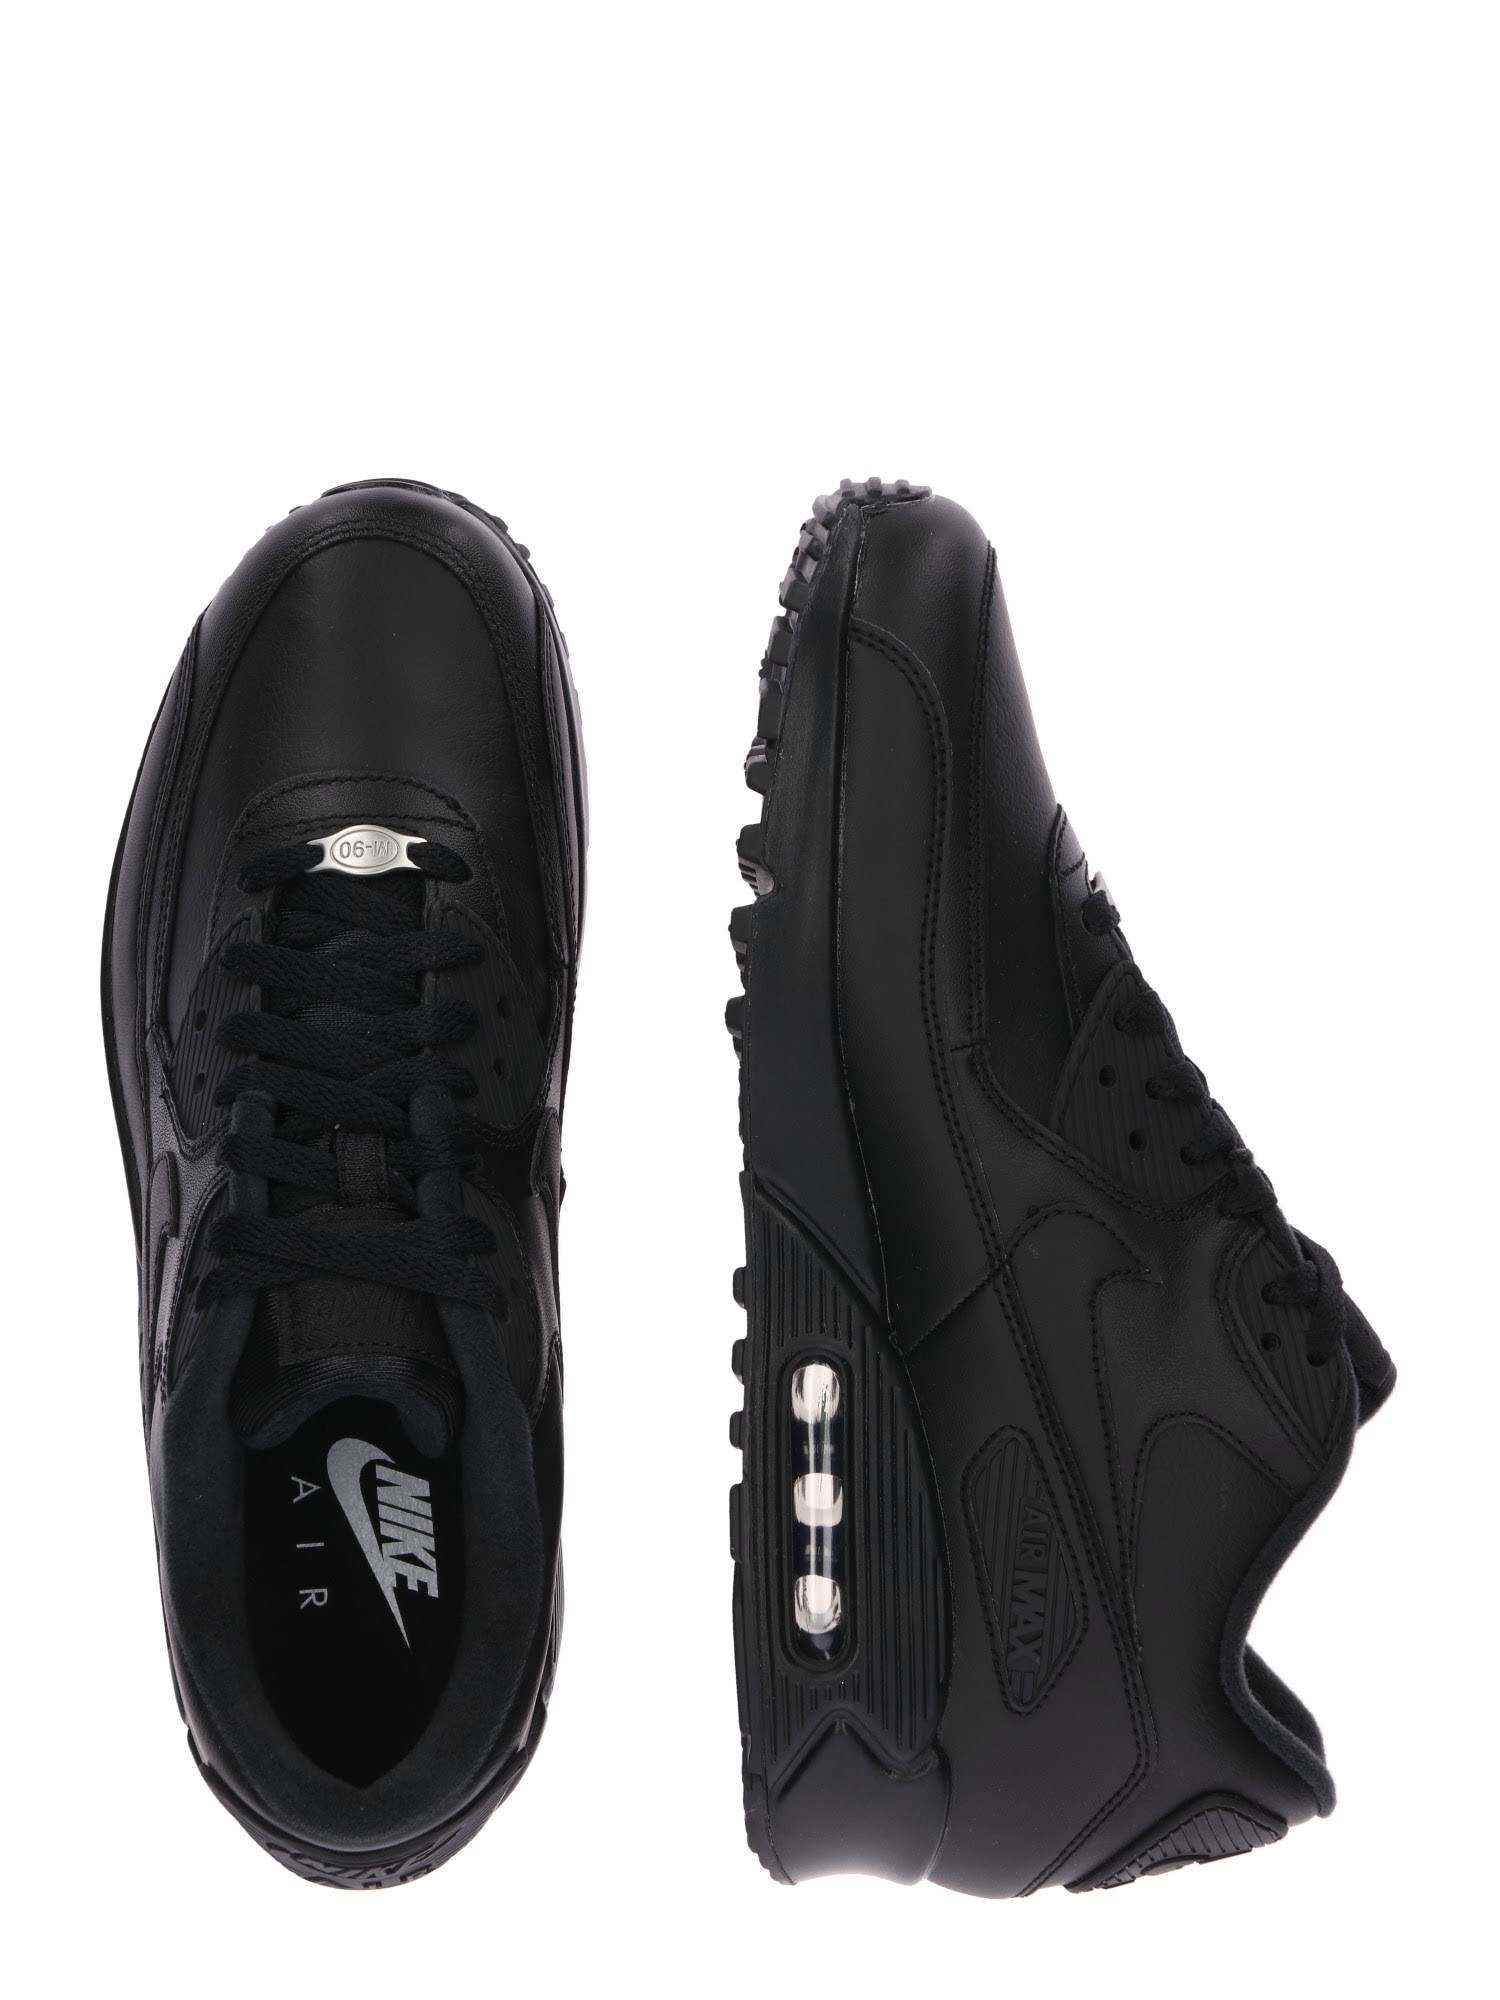 Schwarzzwartzwart 90 Max Nike Leather Air wOXZiTPuk